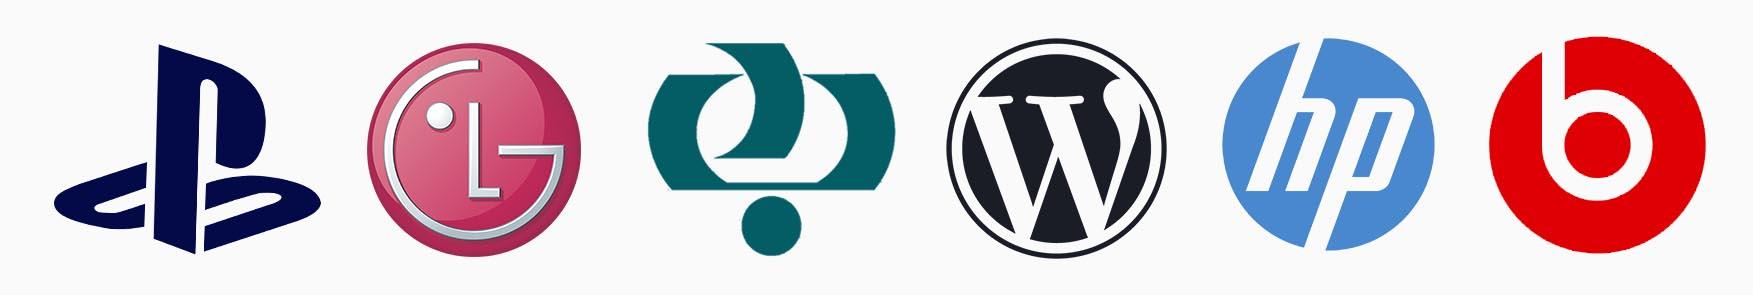 طراحی لوگو حرفنماد